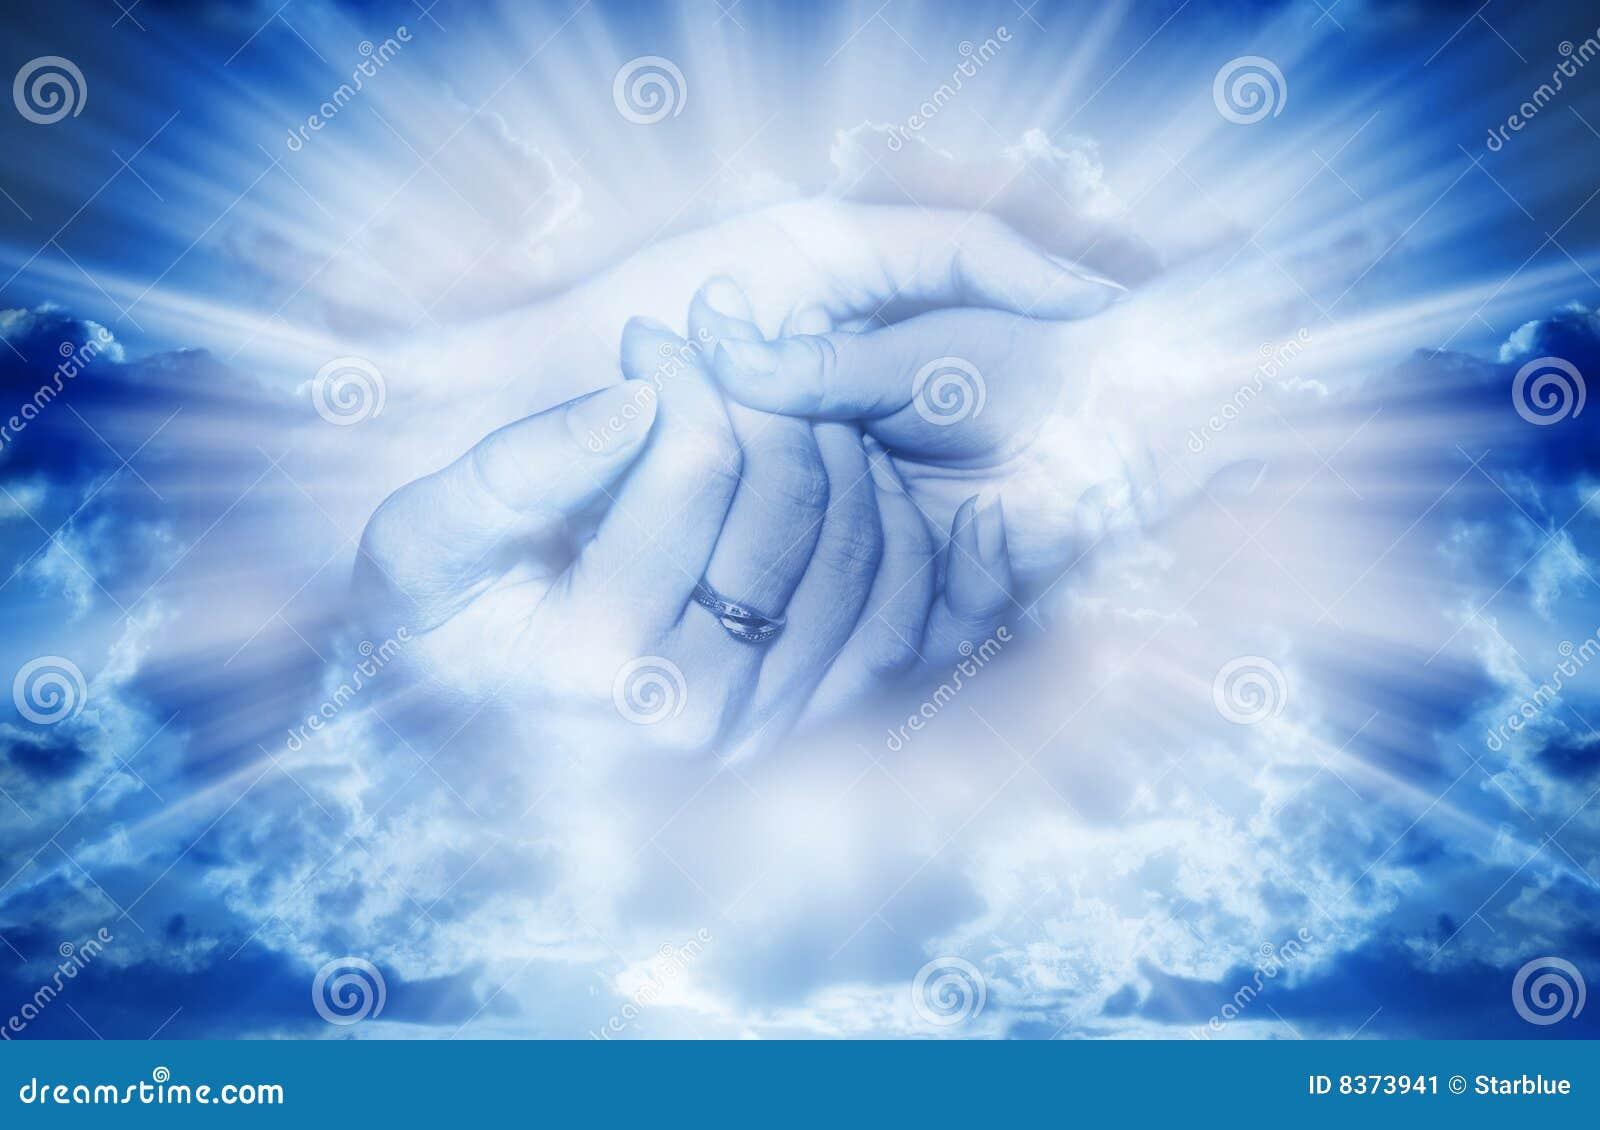 Amour dans la lumi re divine image stock image 8373941 - Video amour dans la cuisine ...